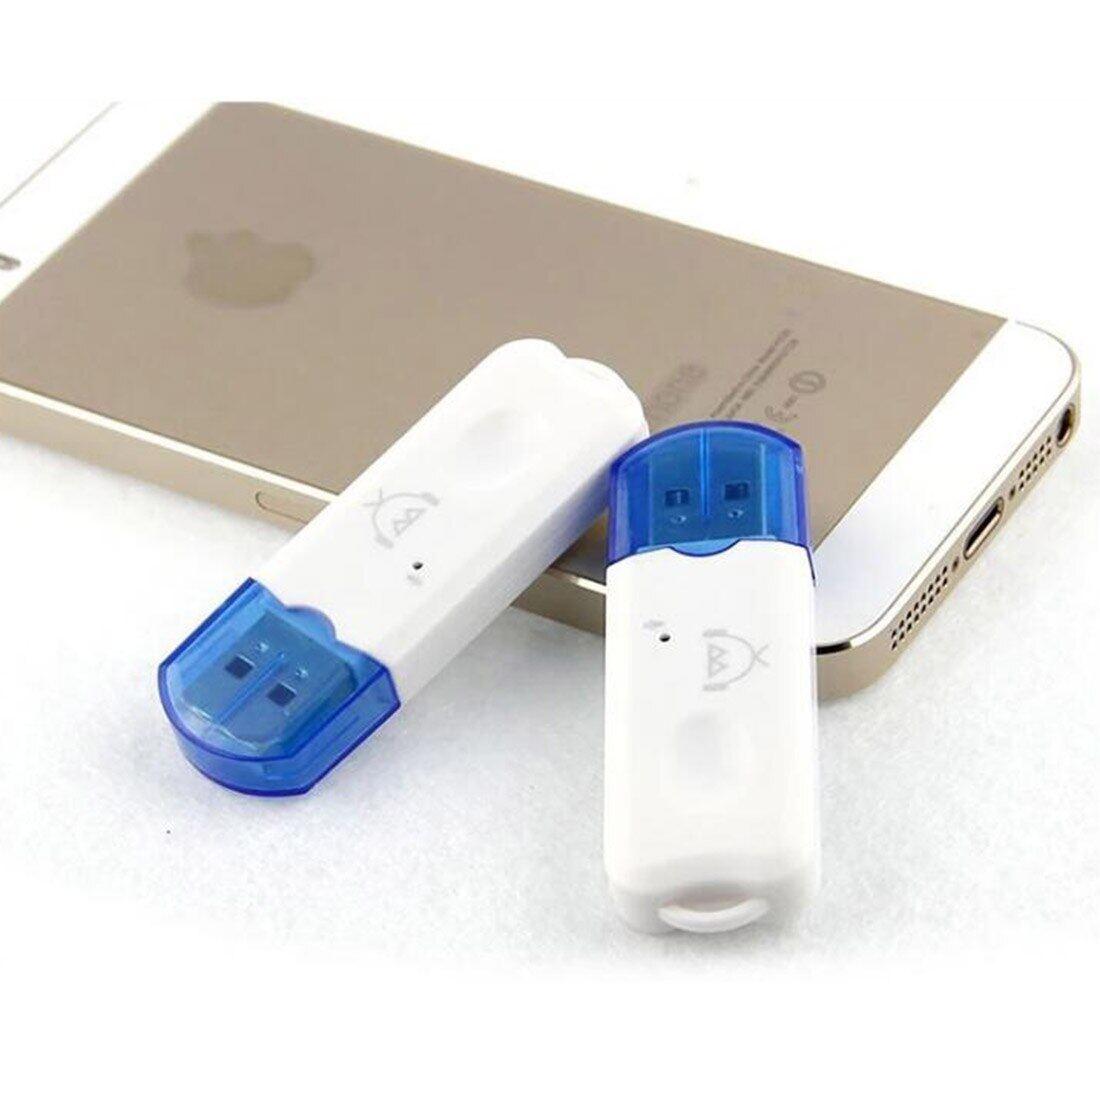 Etmakit Bộ Chuyển Đổi Thu Âm Thanh Bluetooth V2.1 Không Dây Di Động USB Màu Xanh Dương, Rảnh Tay DEC28